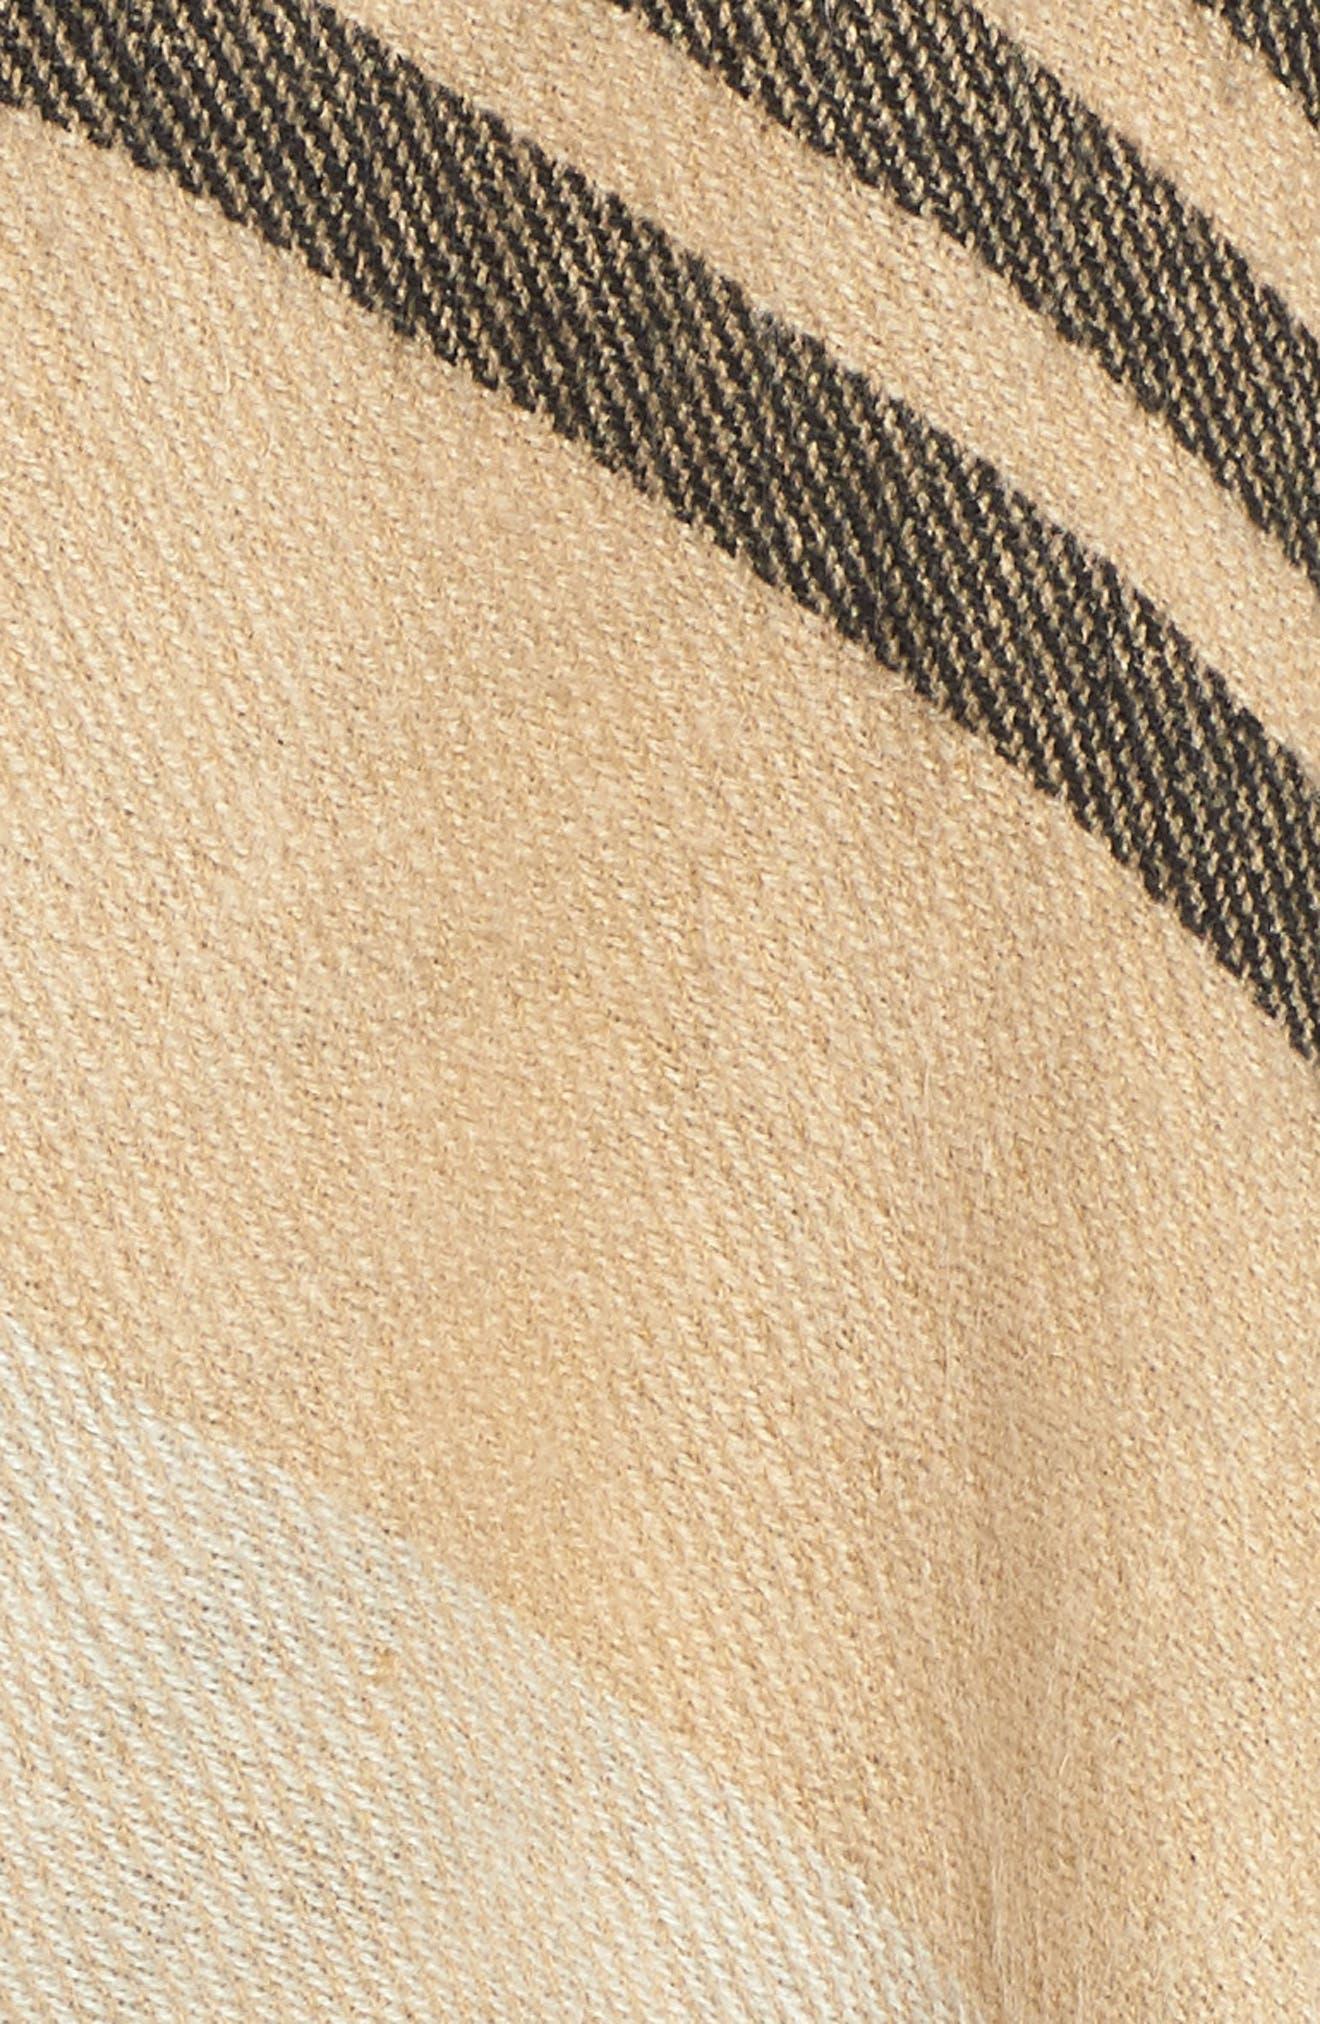 Stripe Woven Cape,                             Alternate thumbnail 6, color,                             Tan Multi